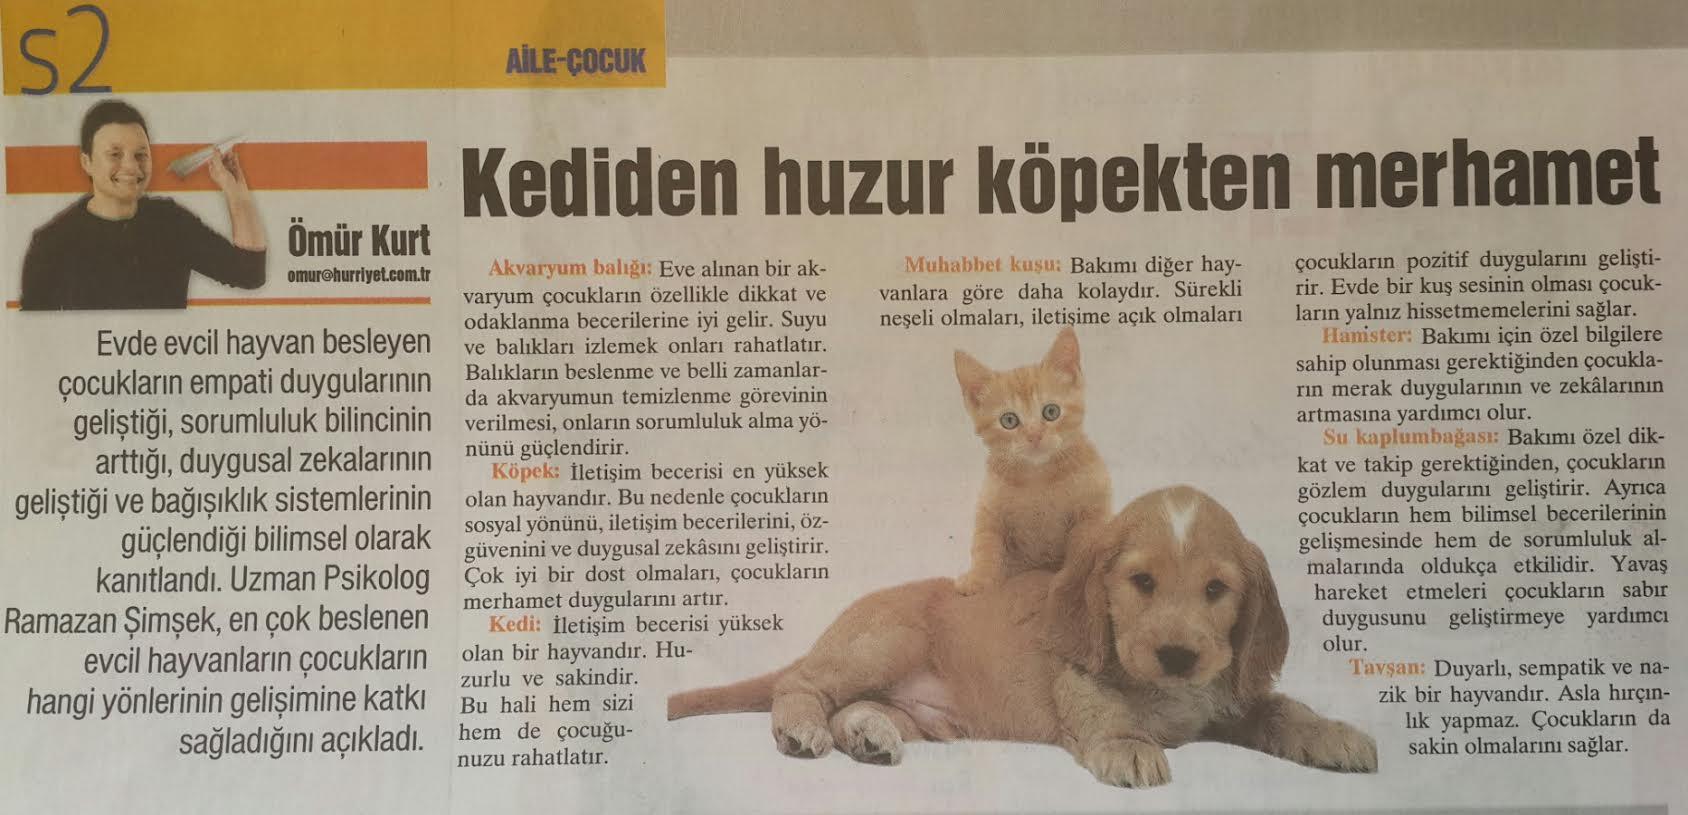 kedi-kopek